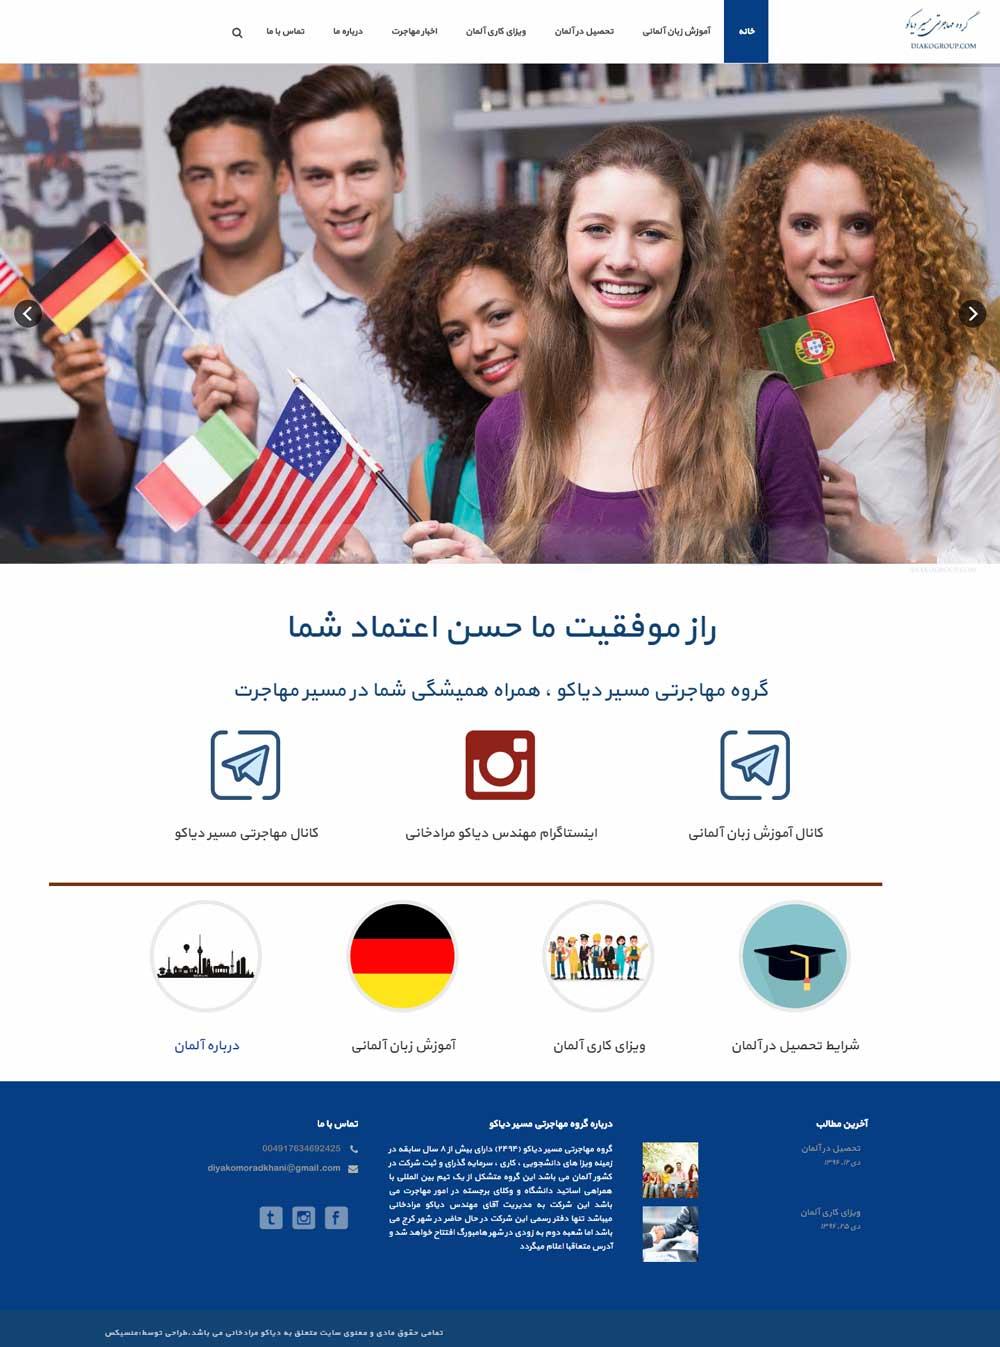 طراحی وب سایت مهاجرت